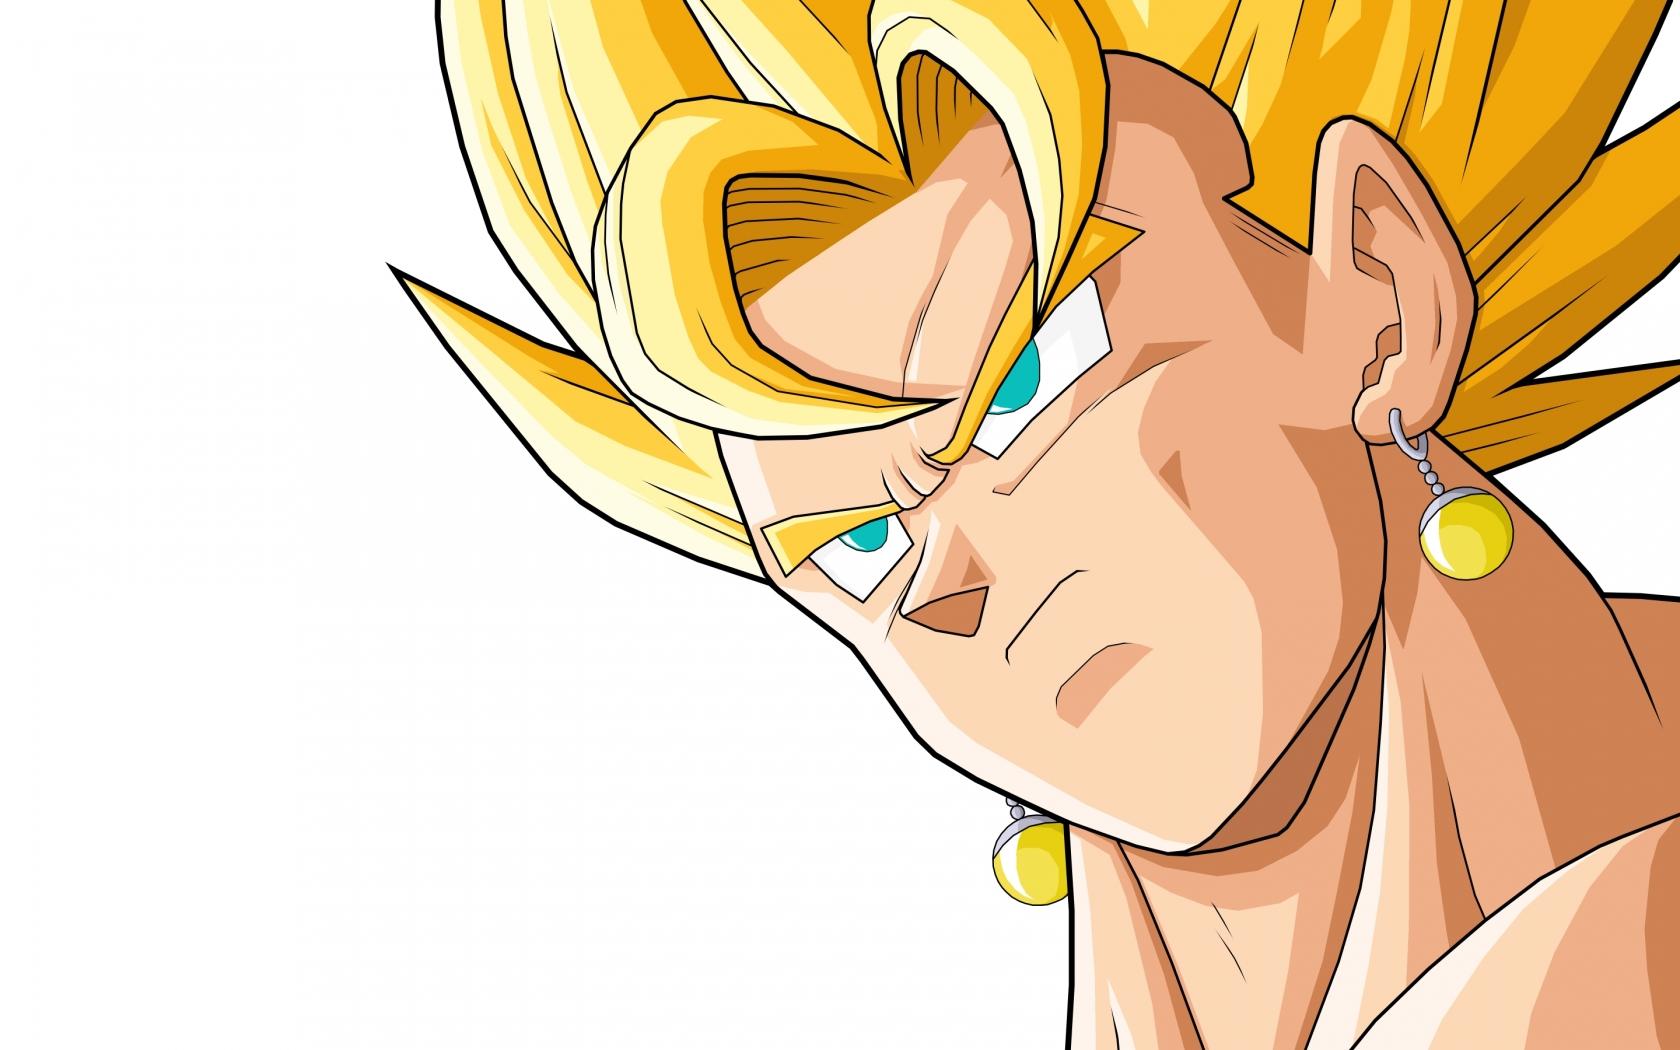 Vegeto de Dragon Ball Z - 1680x1050